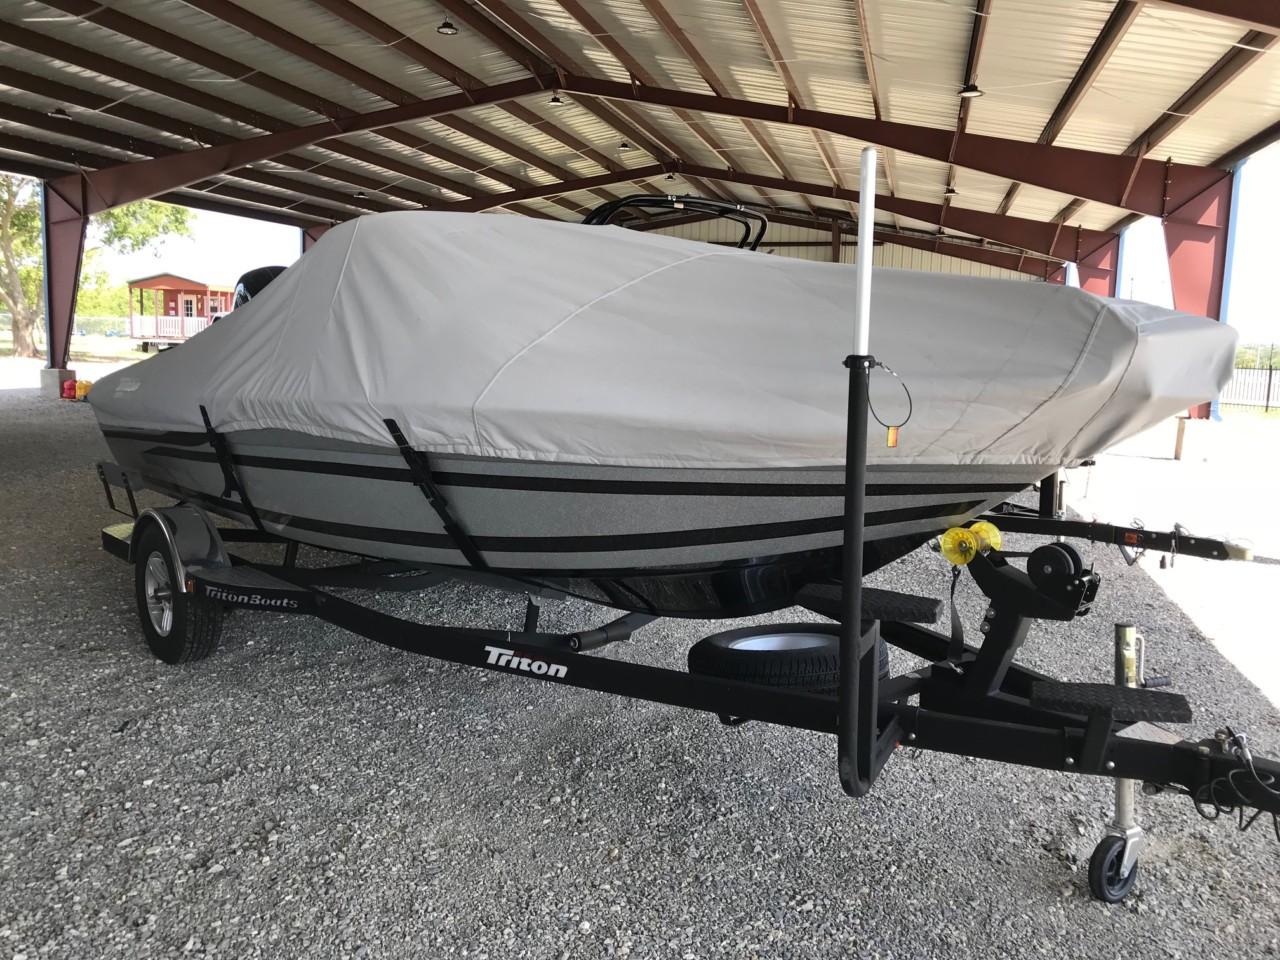 2016 Triton 186 Fishunter W/ 150 Mercury 4stroke